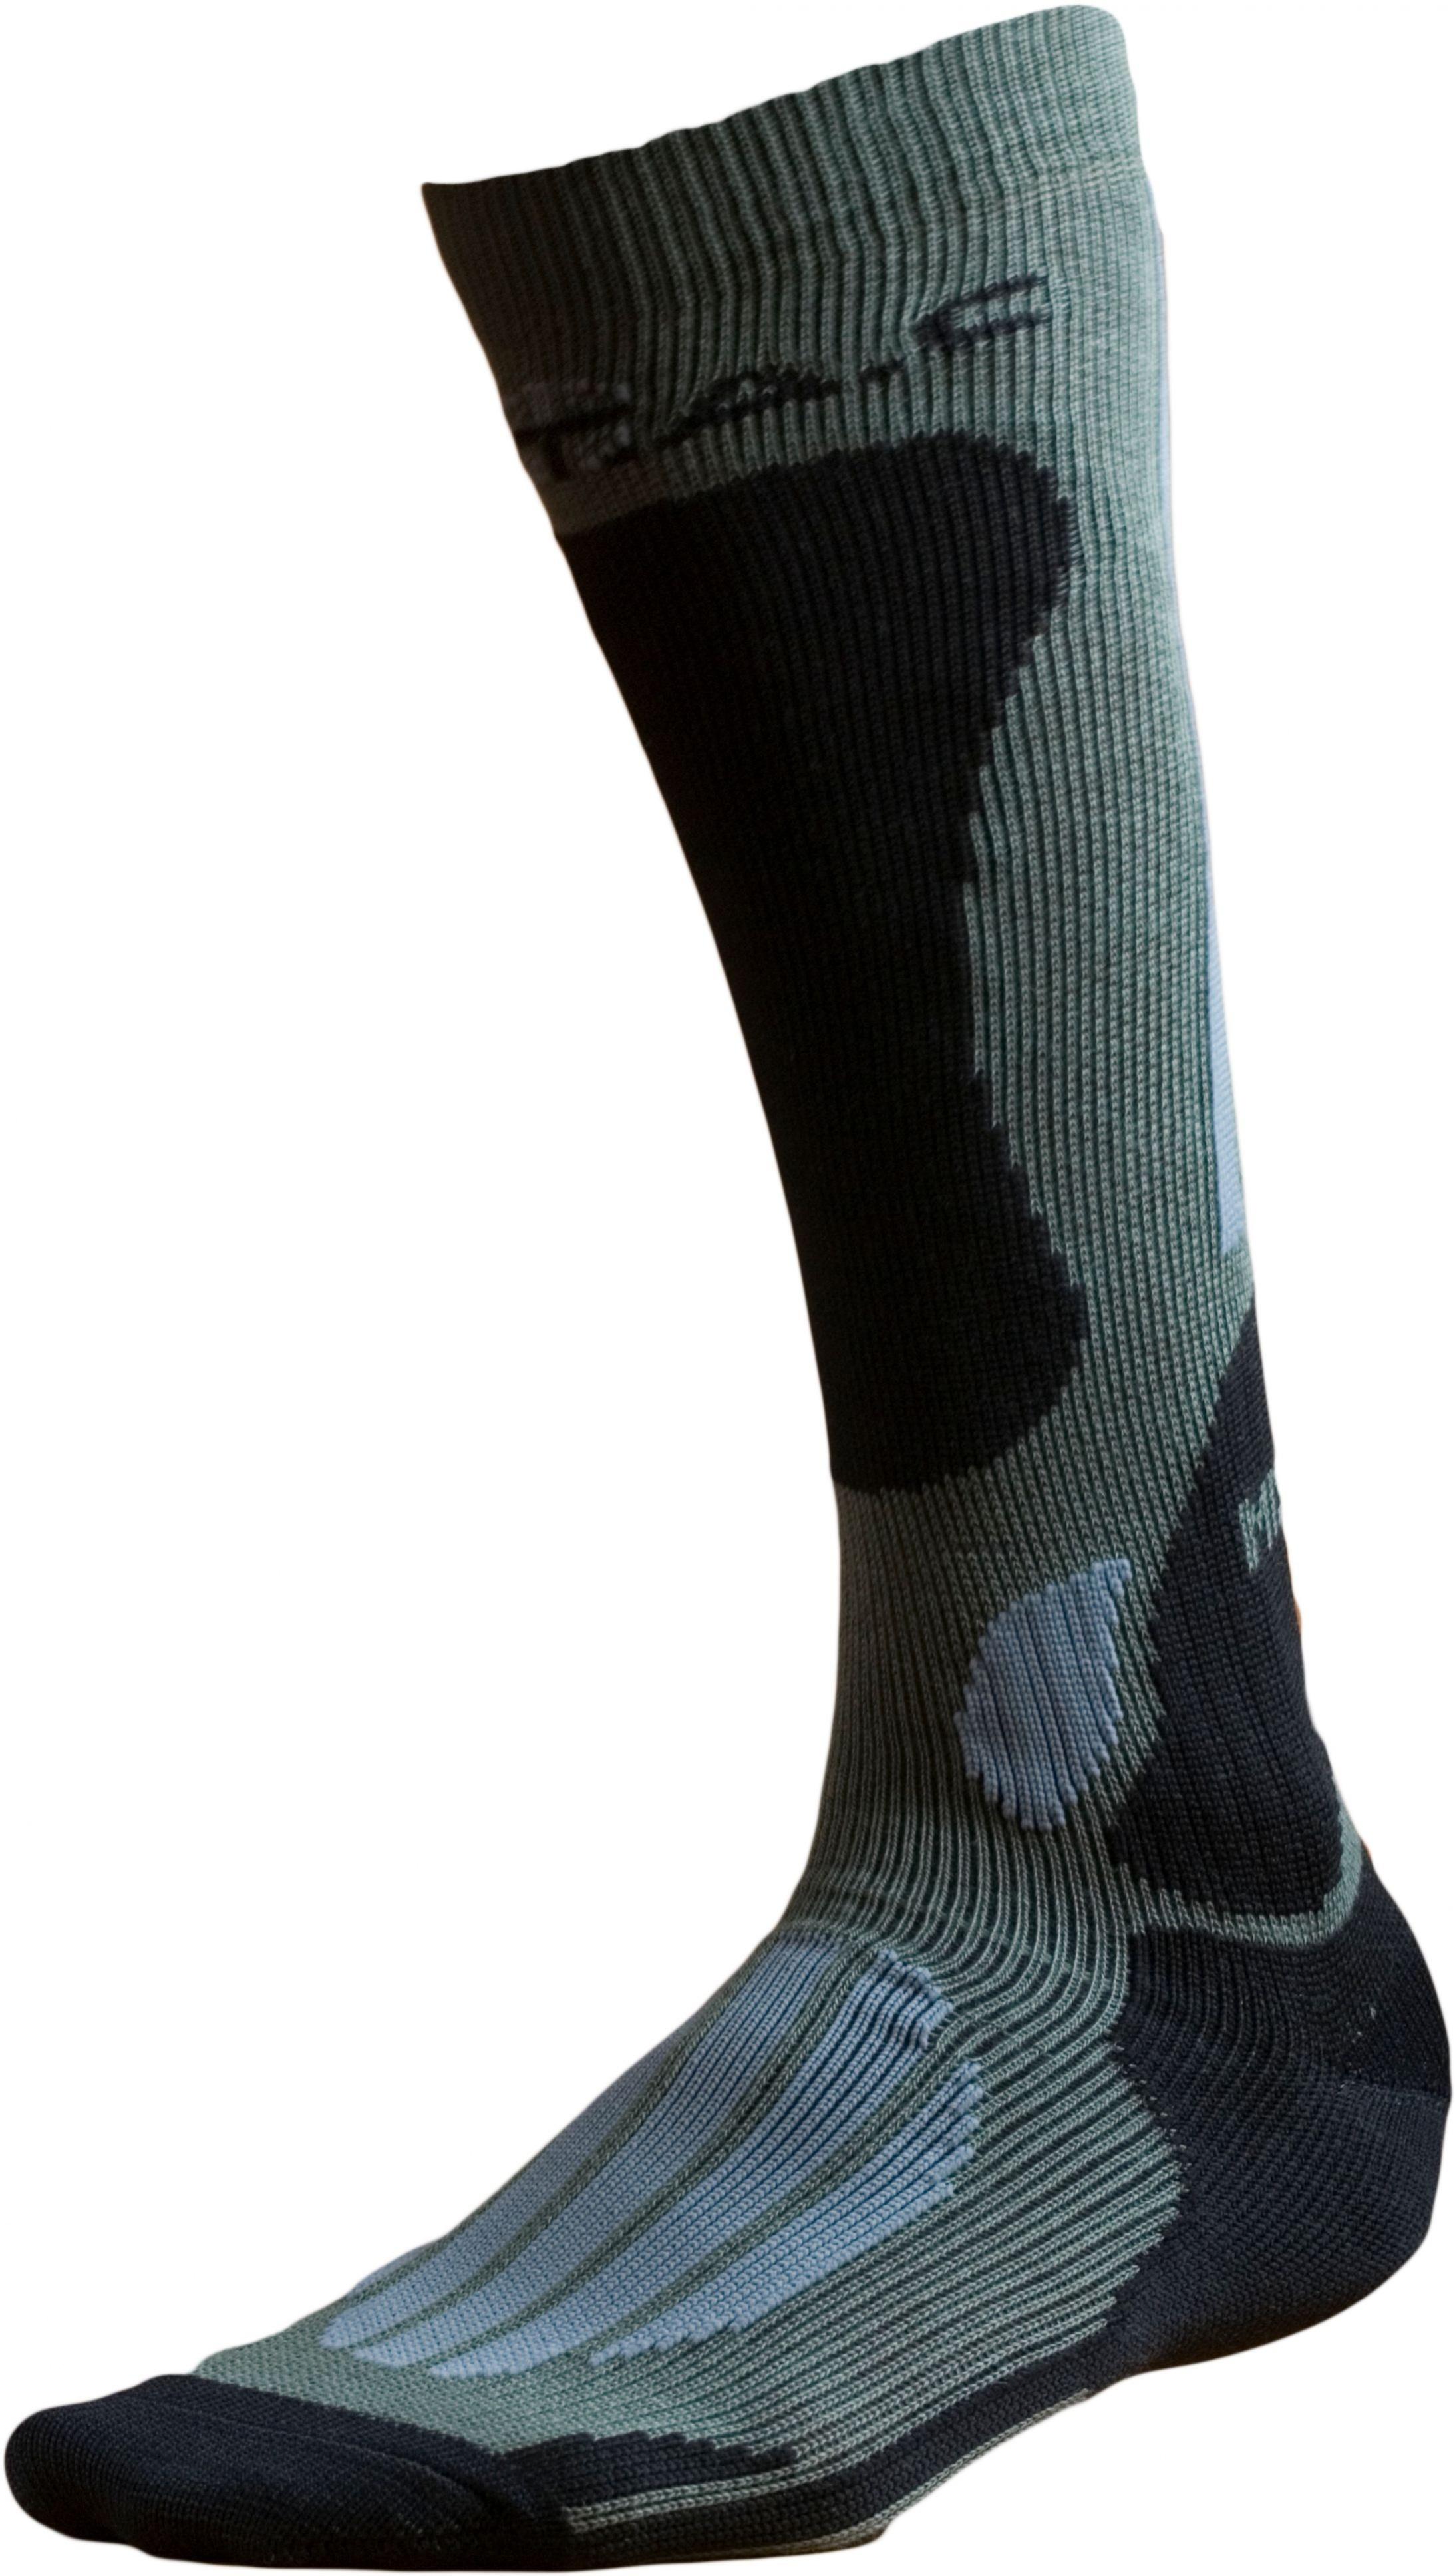 Ponožky BATAC Mission MI02 vel. 34-35 - olive/grey